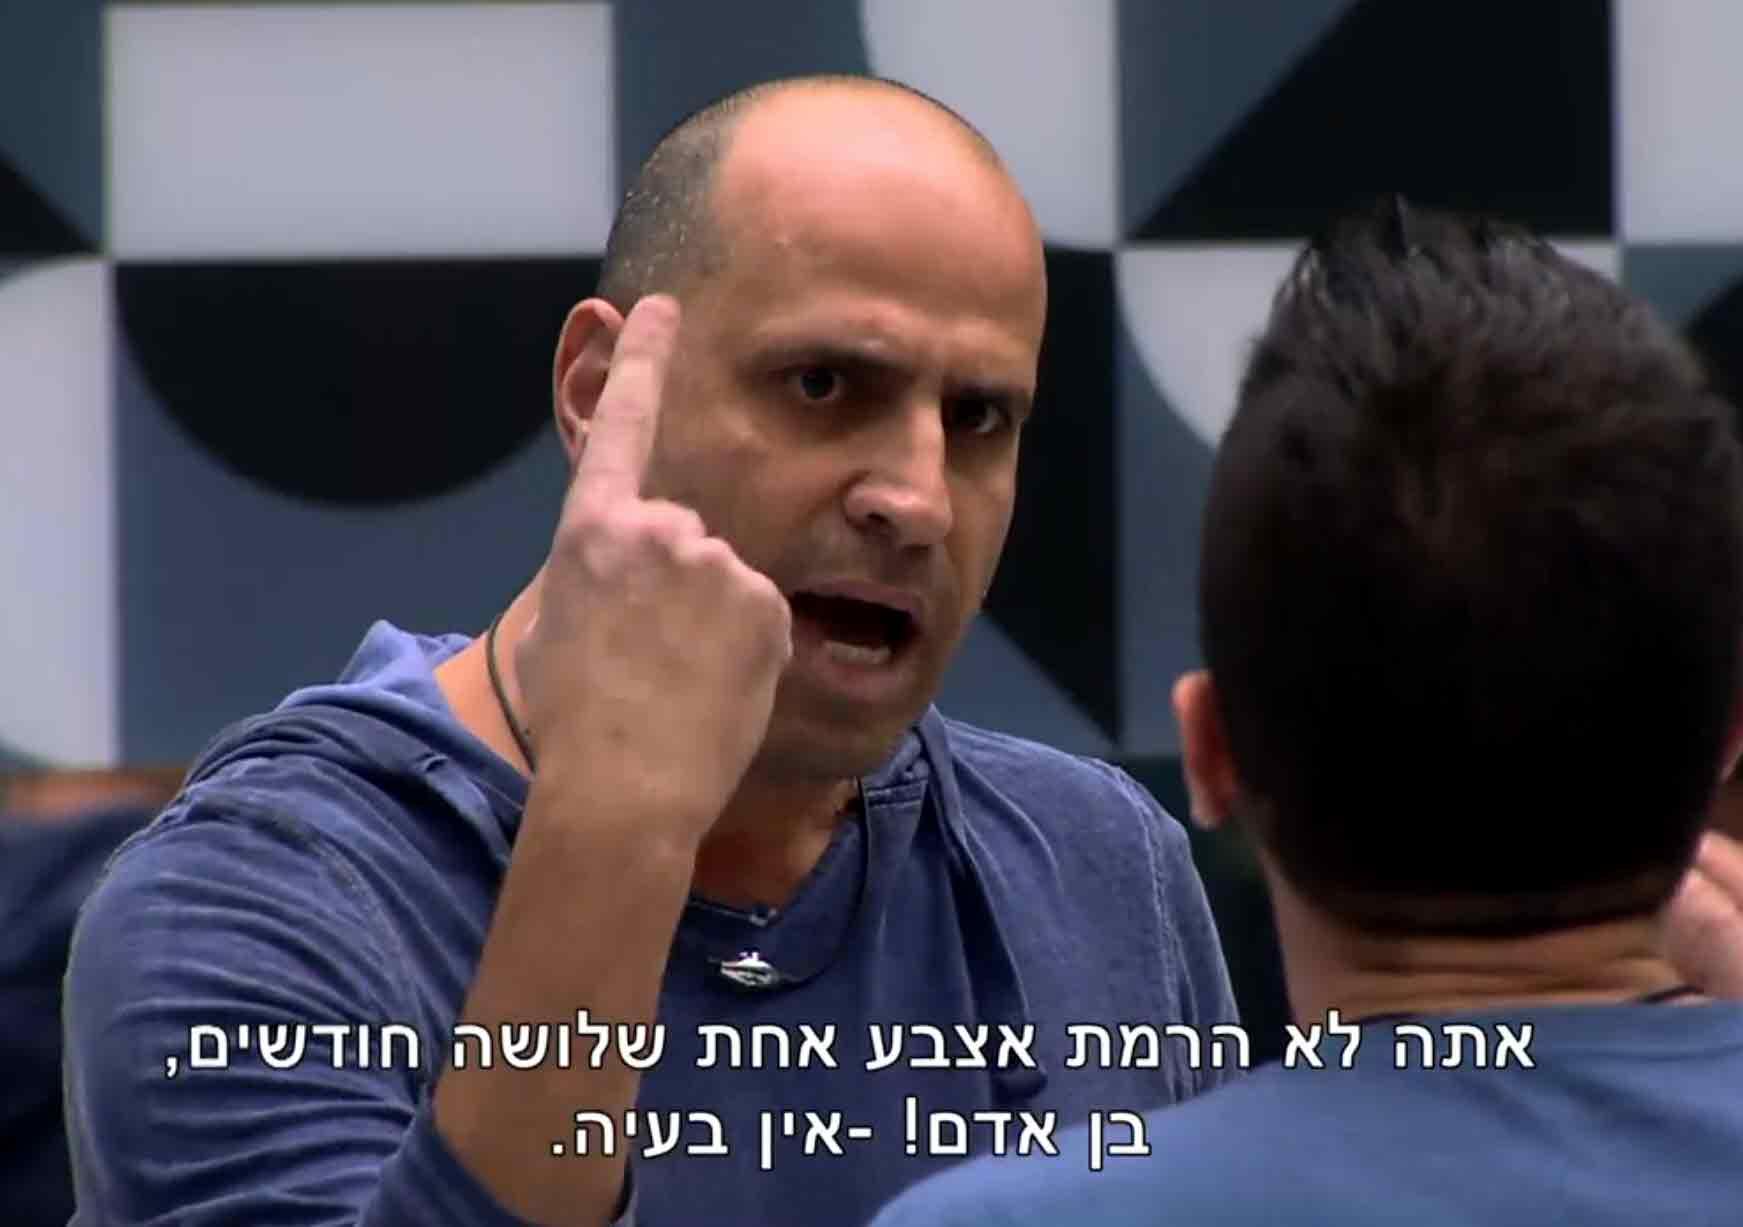 זה המסר של יהודה לליאור בעקבות תקרית המפגינים: לא מה שחשבתם!?